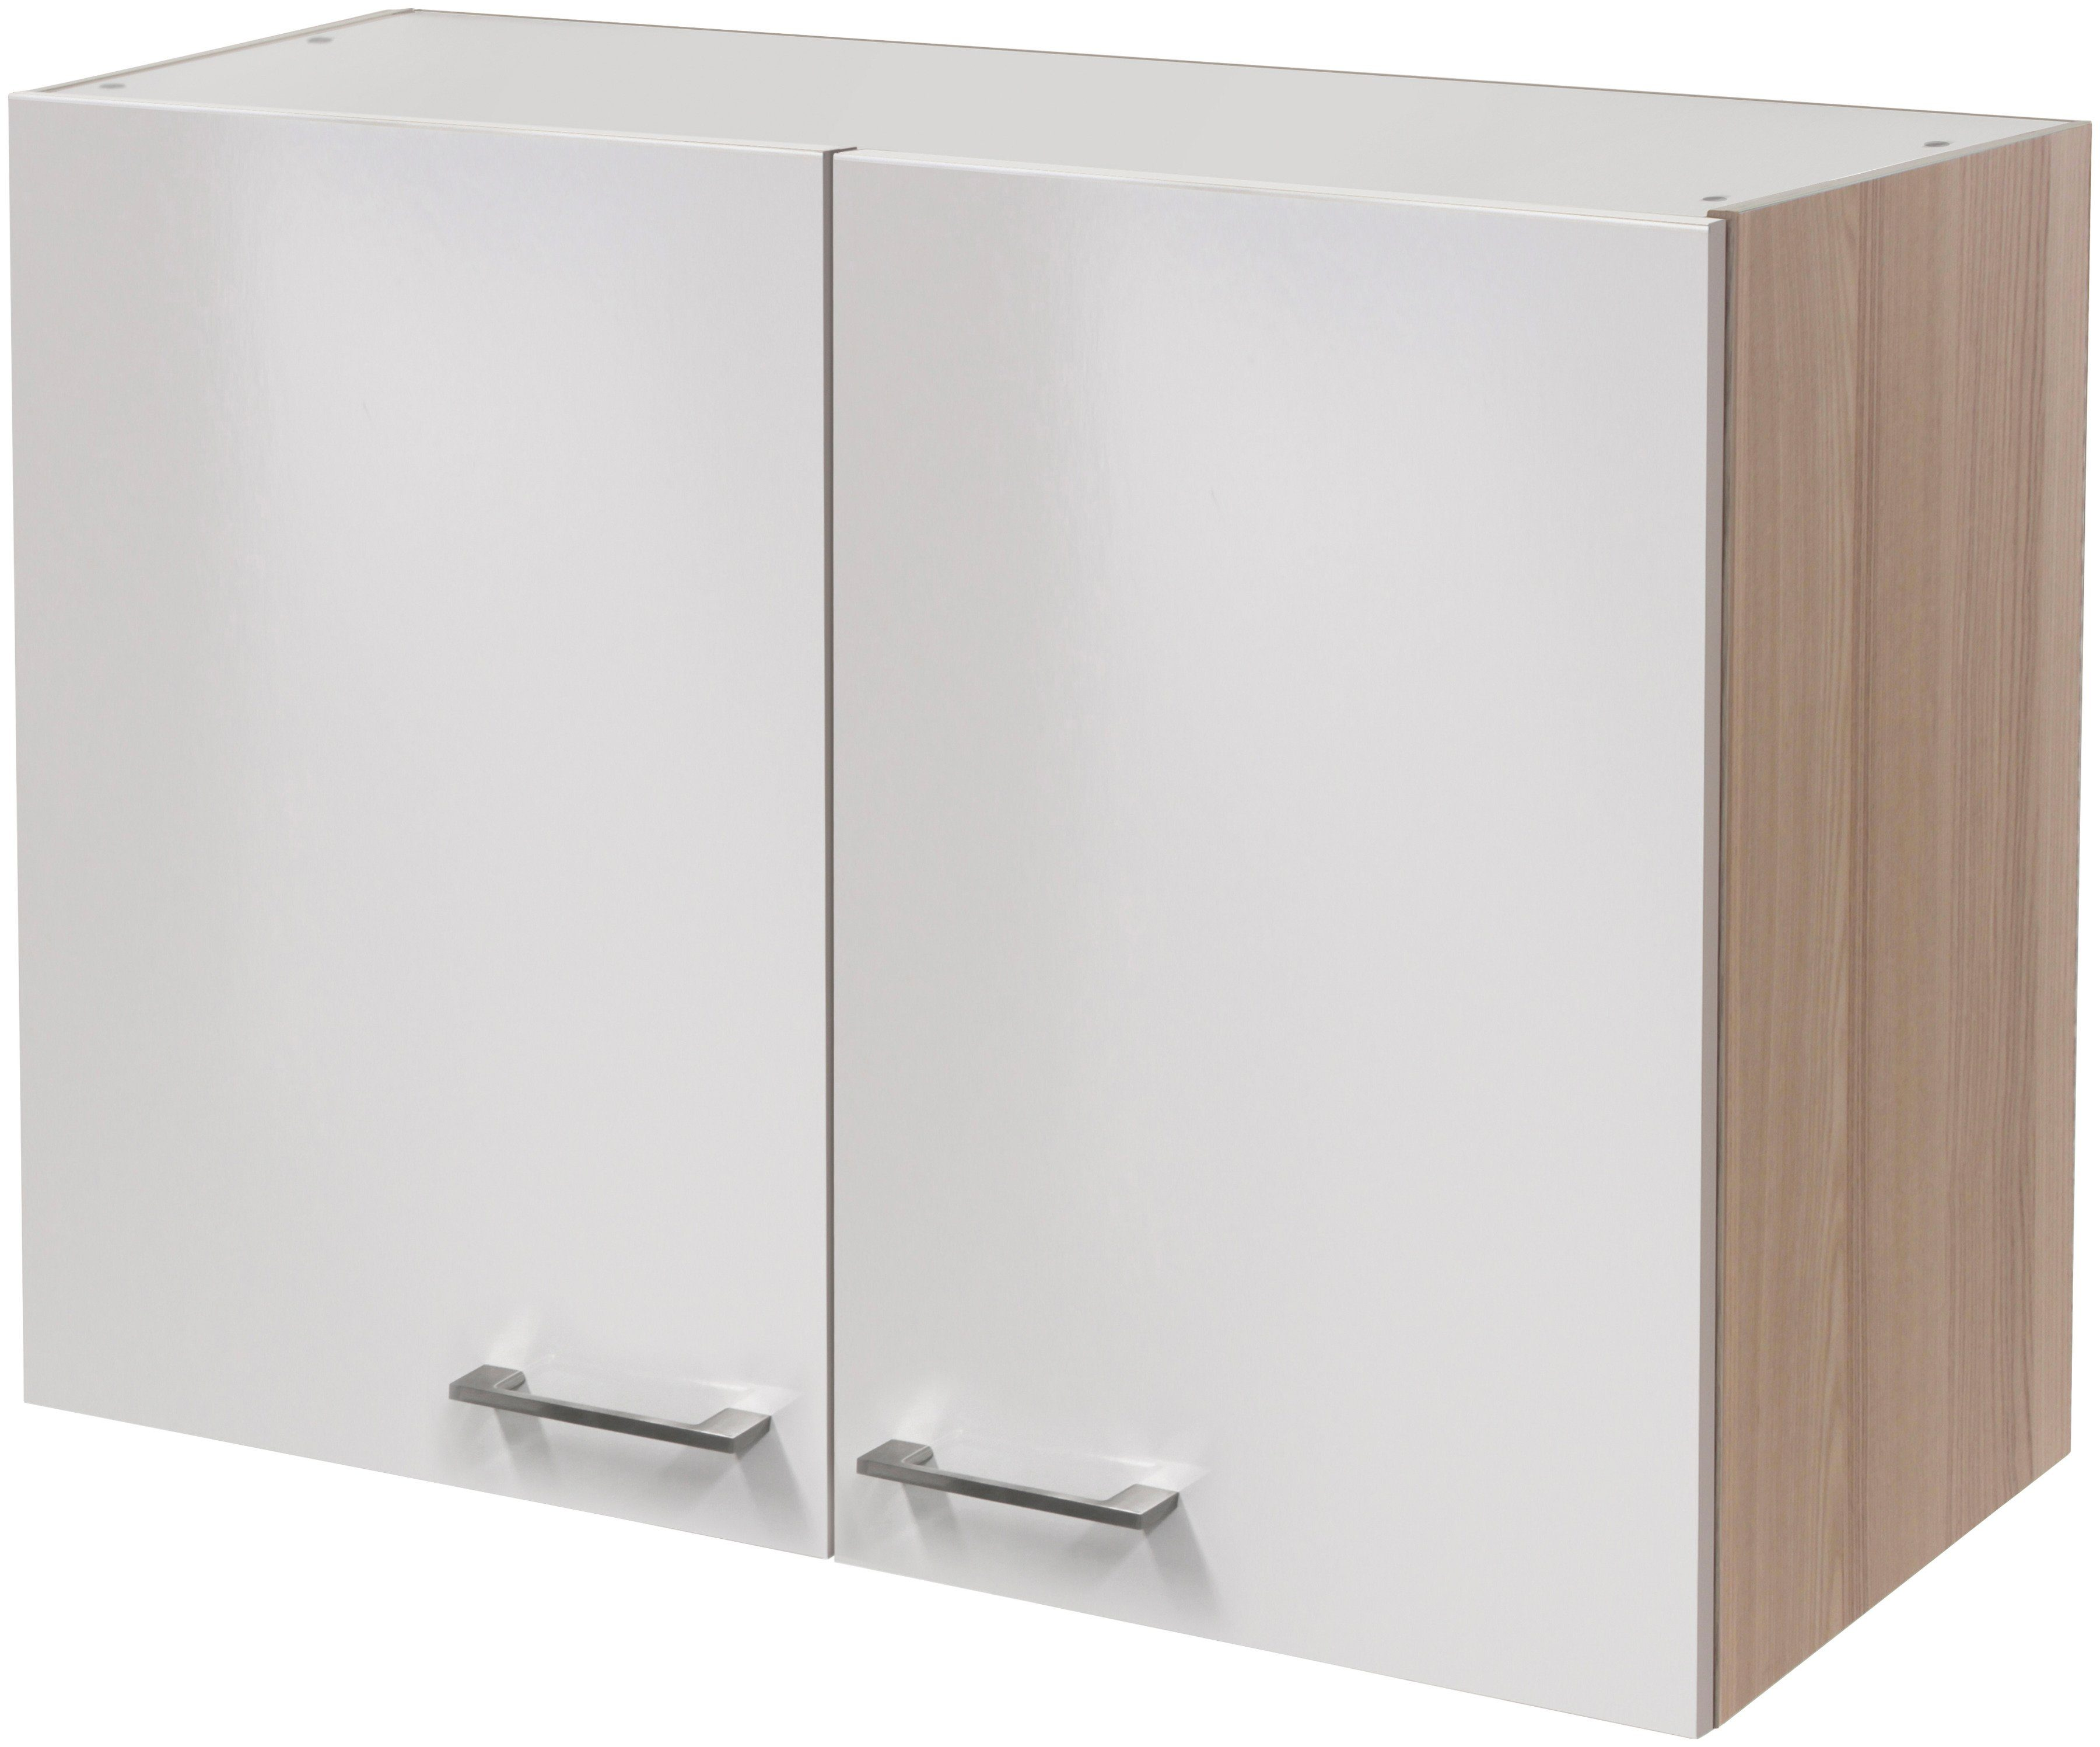 Küchenhängeschrank »Oregon«, Breite 80 cm